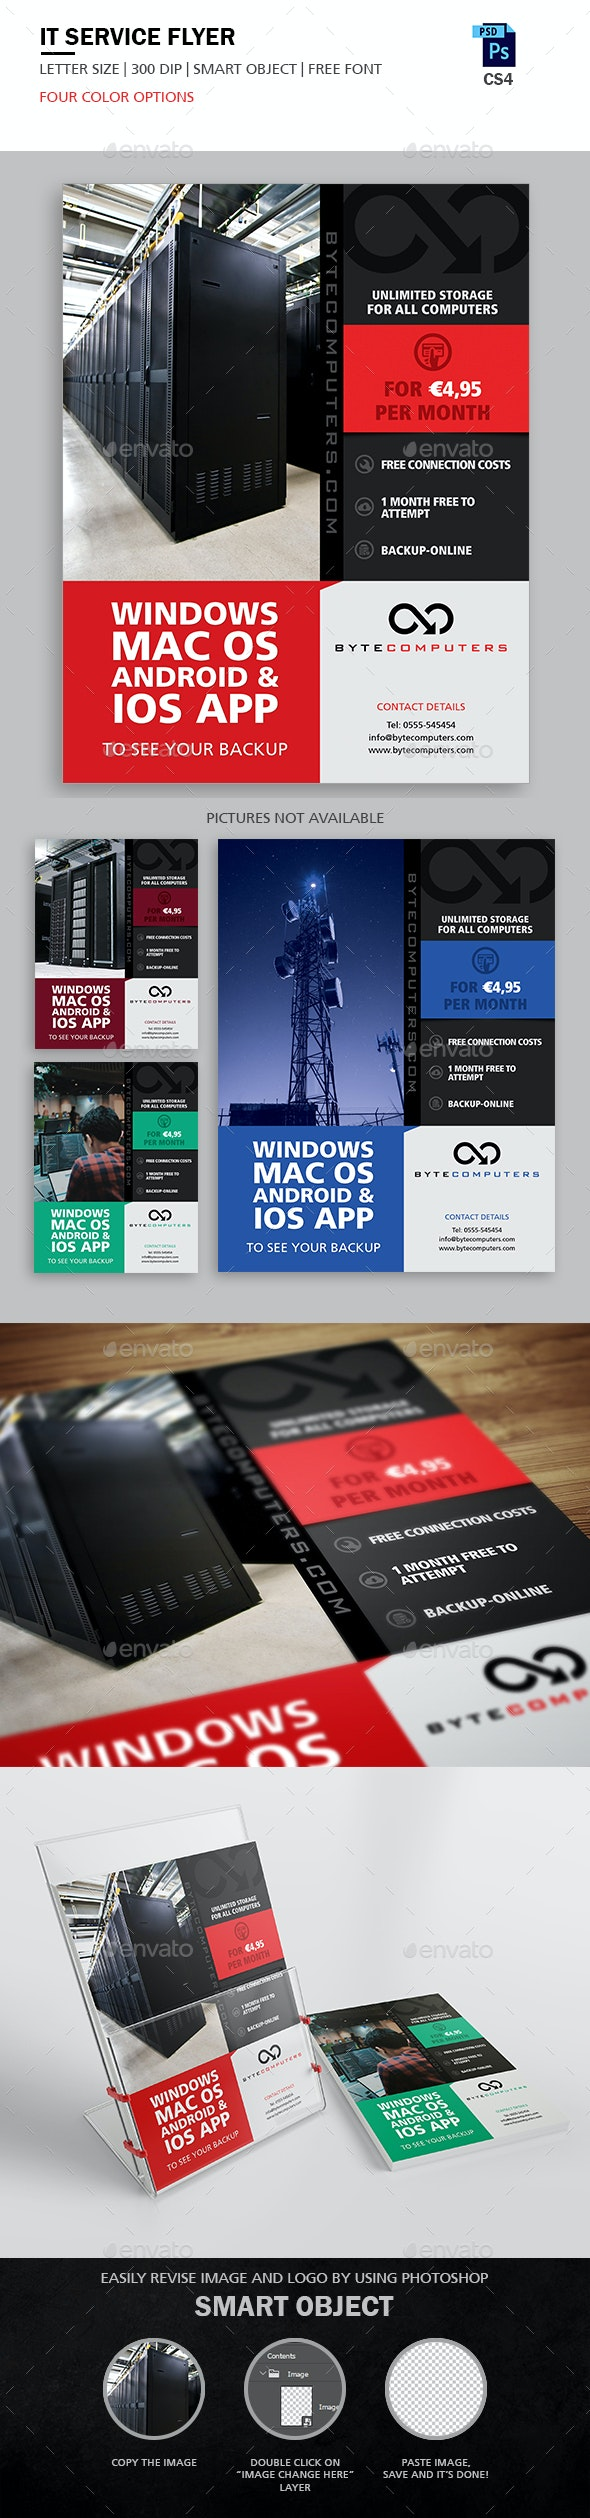 IT Service Flyer - Flyers Print Templates